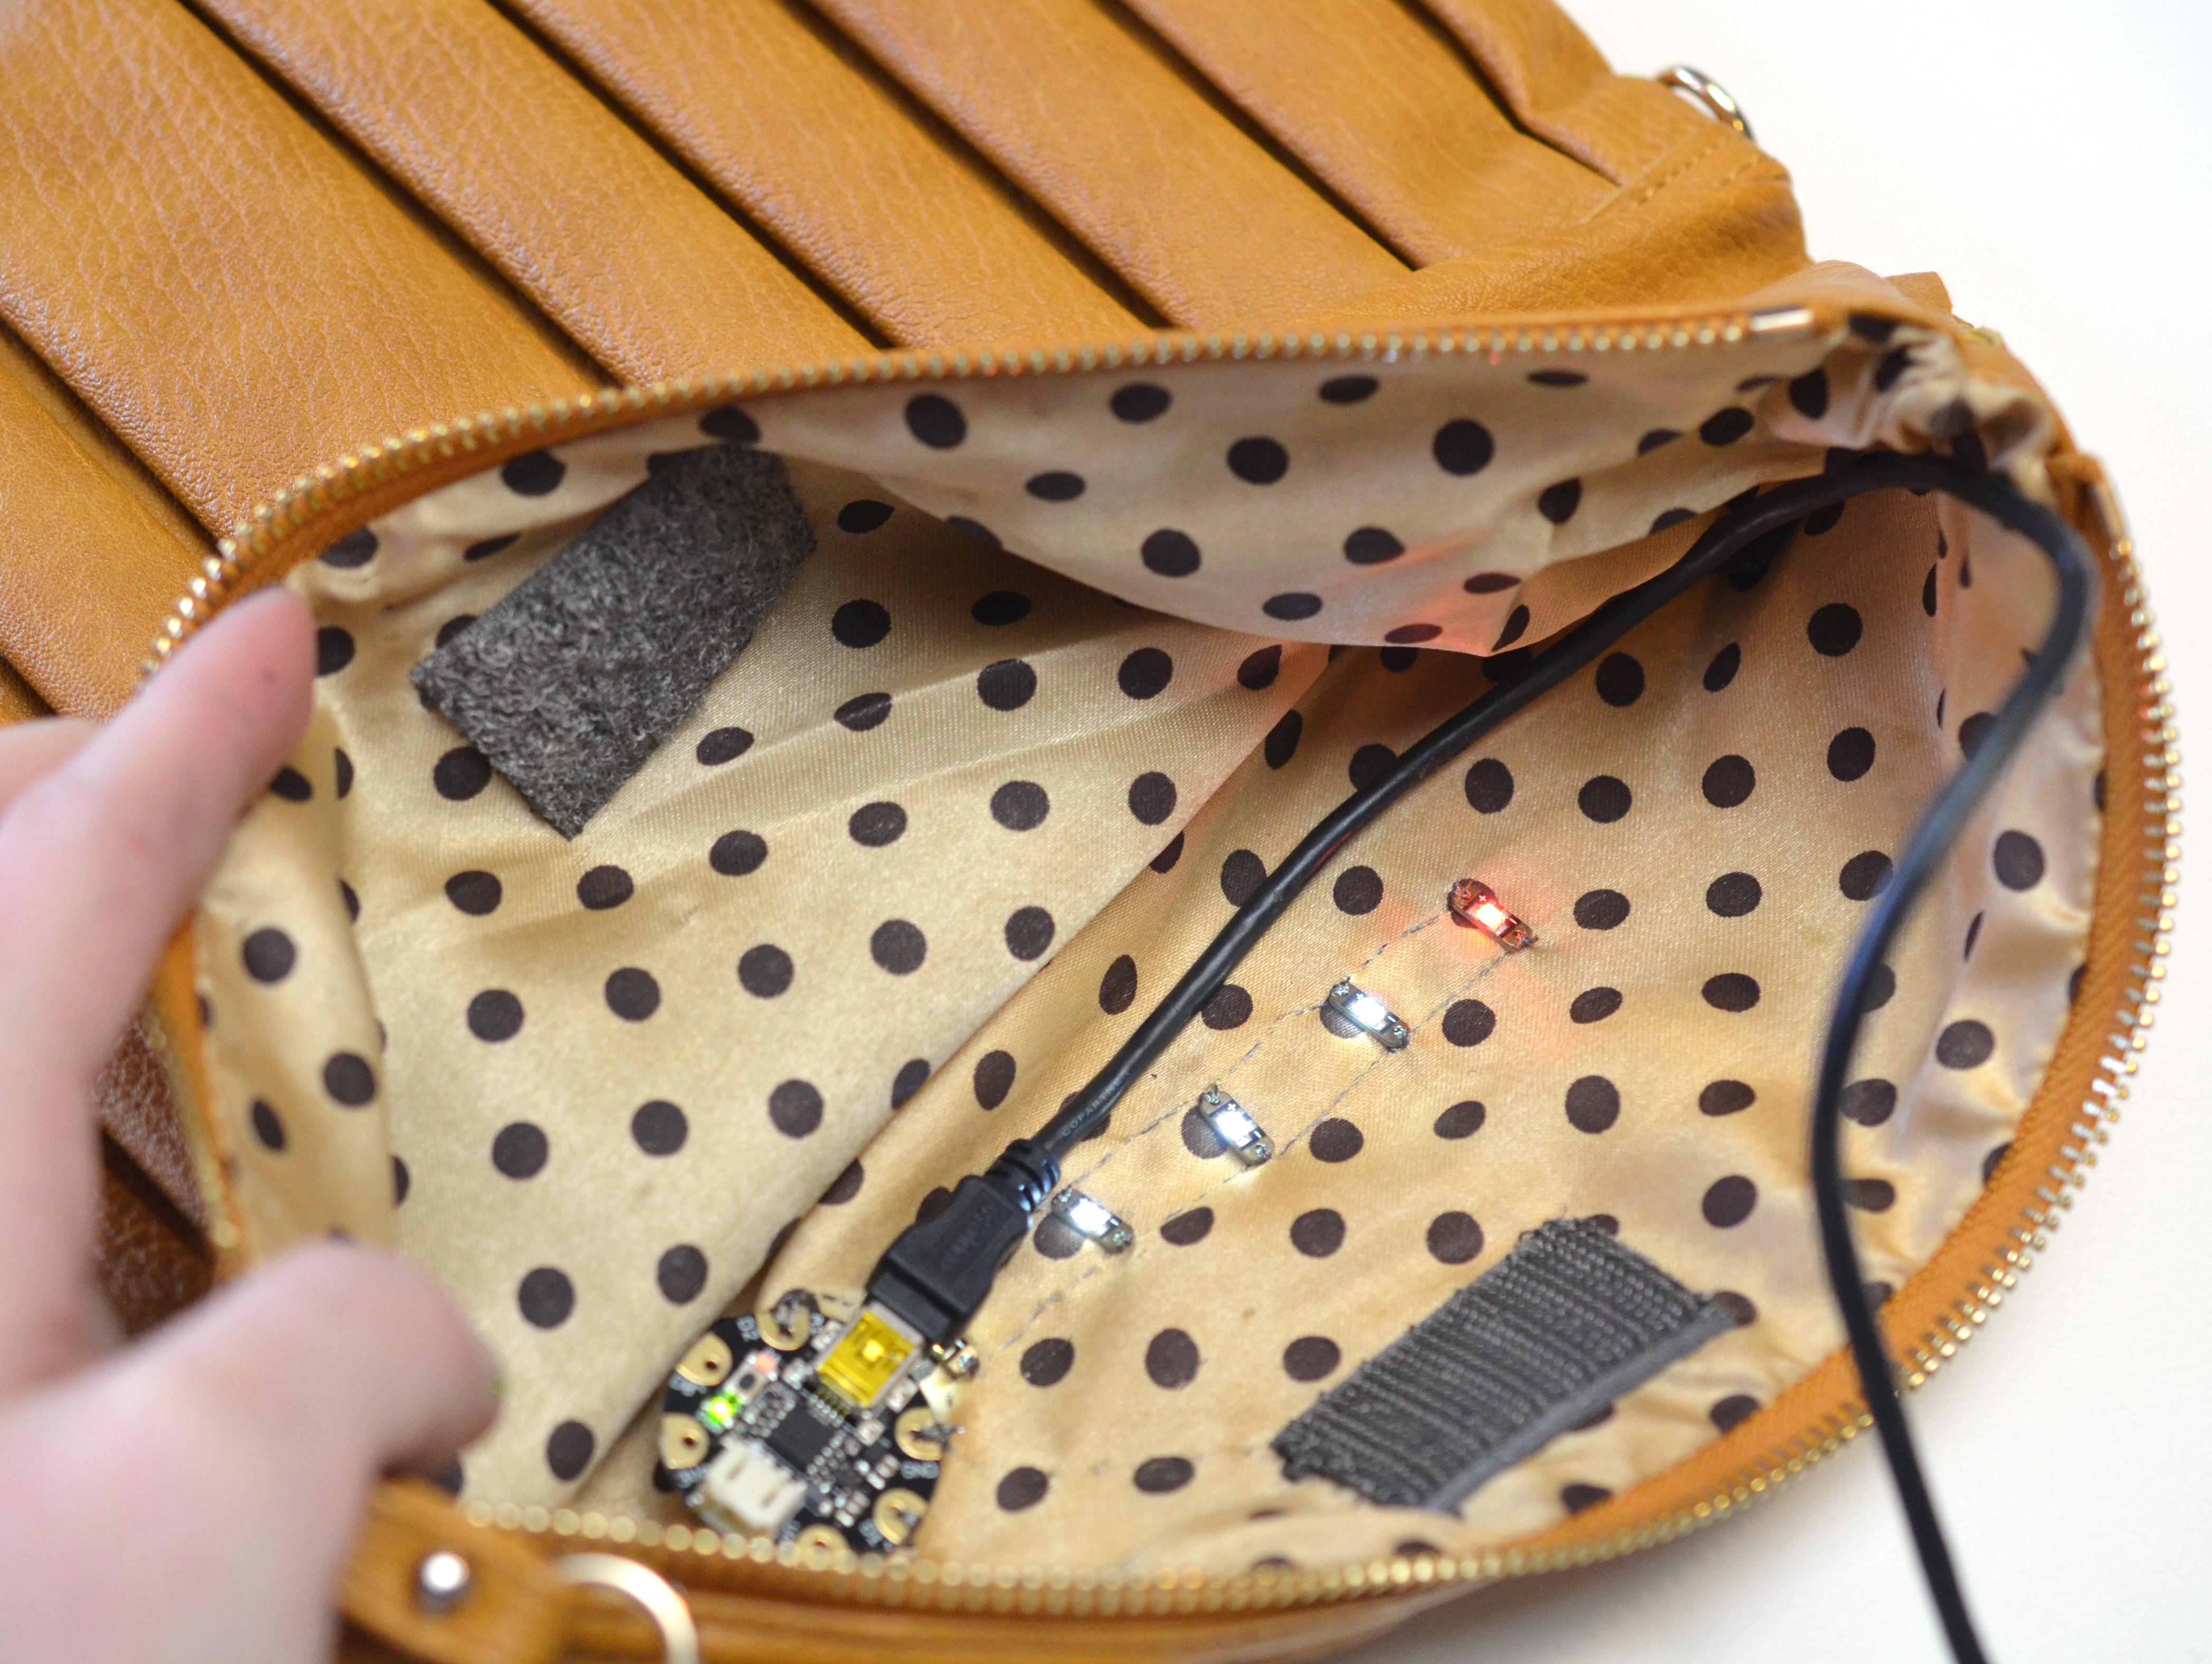 gemma_interior-purse-light-16.jpg